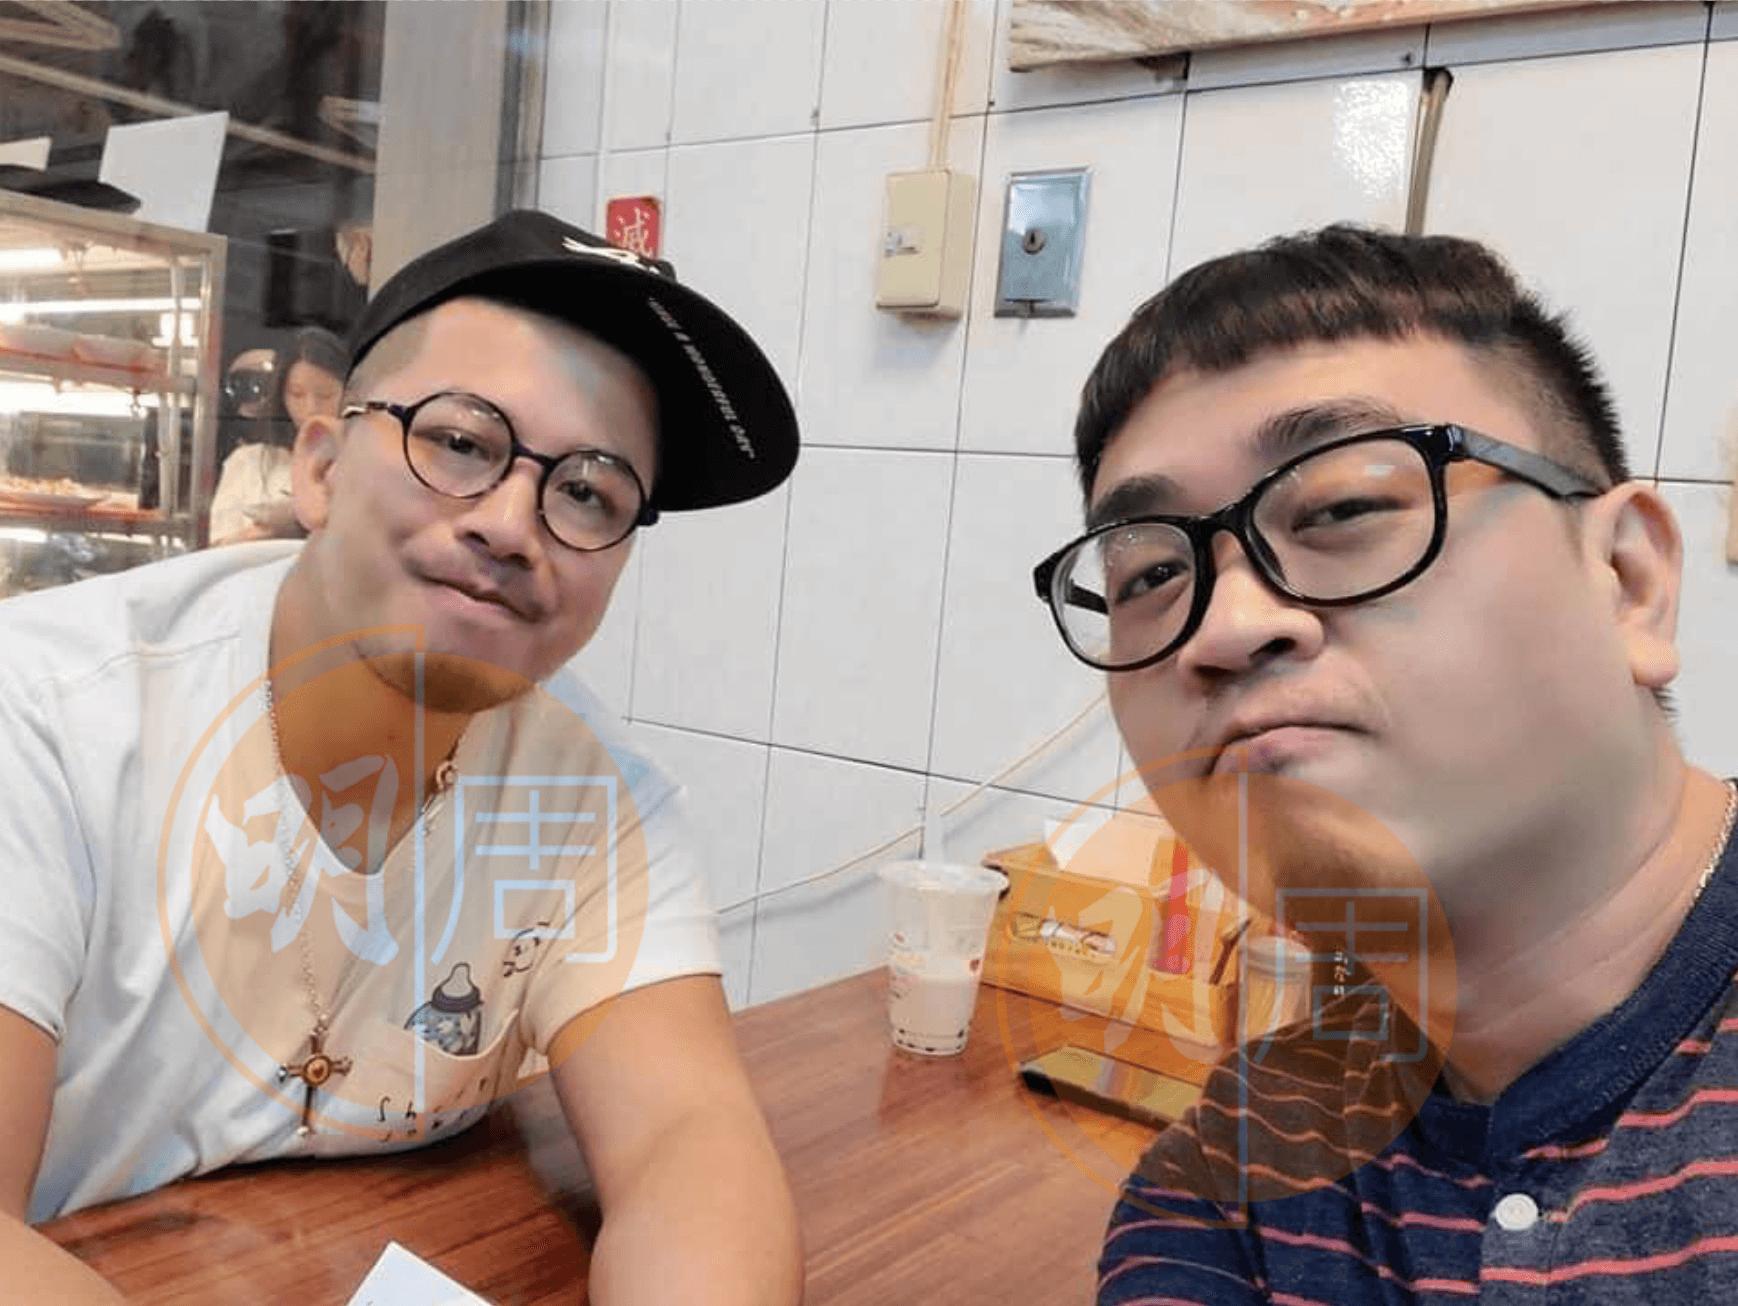 小肥現任男友是台灣人,他亦希望將來到台灣嘗試發展。